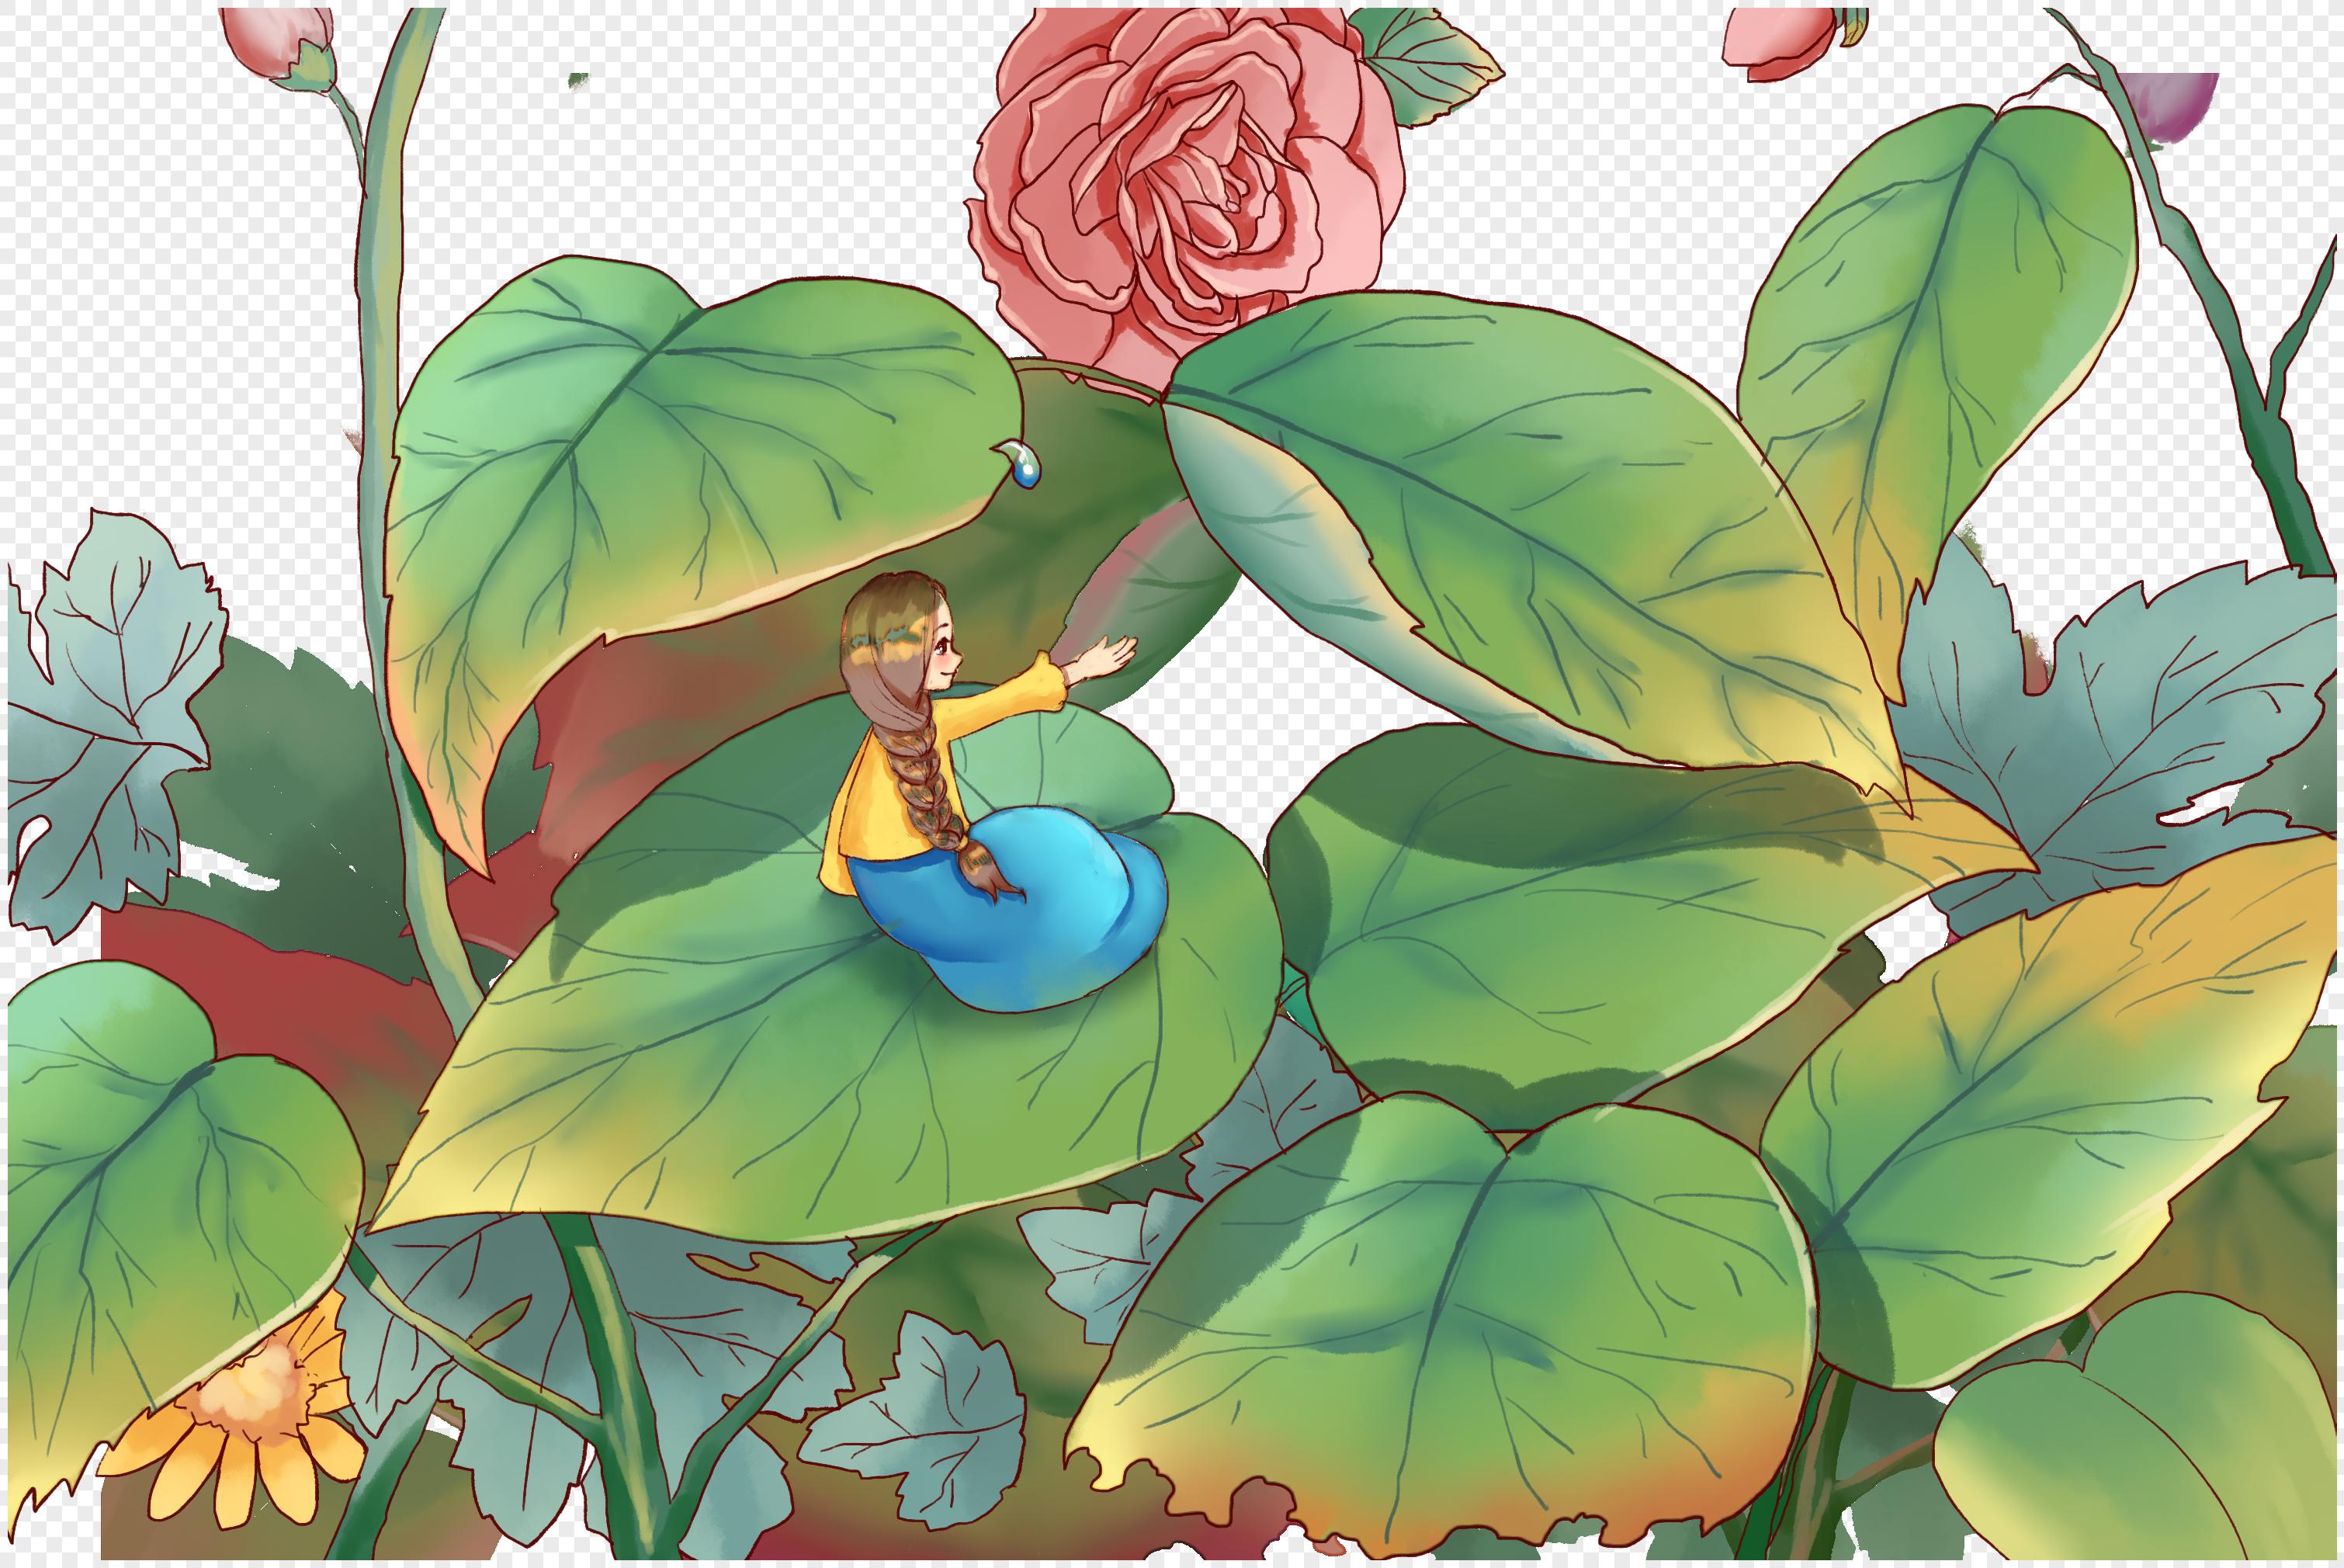 图片 素材 手绘/卡通元素 花丛中的女孩.